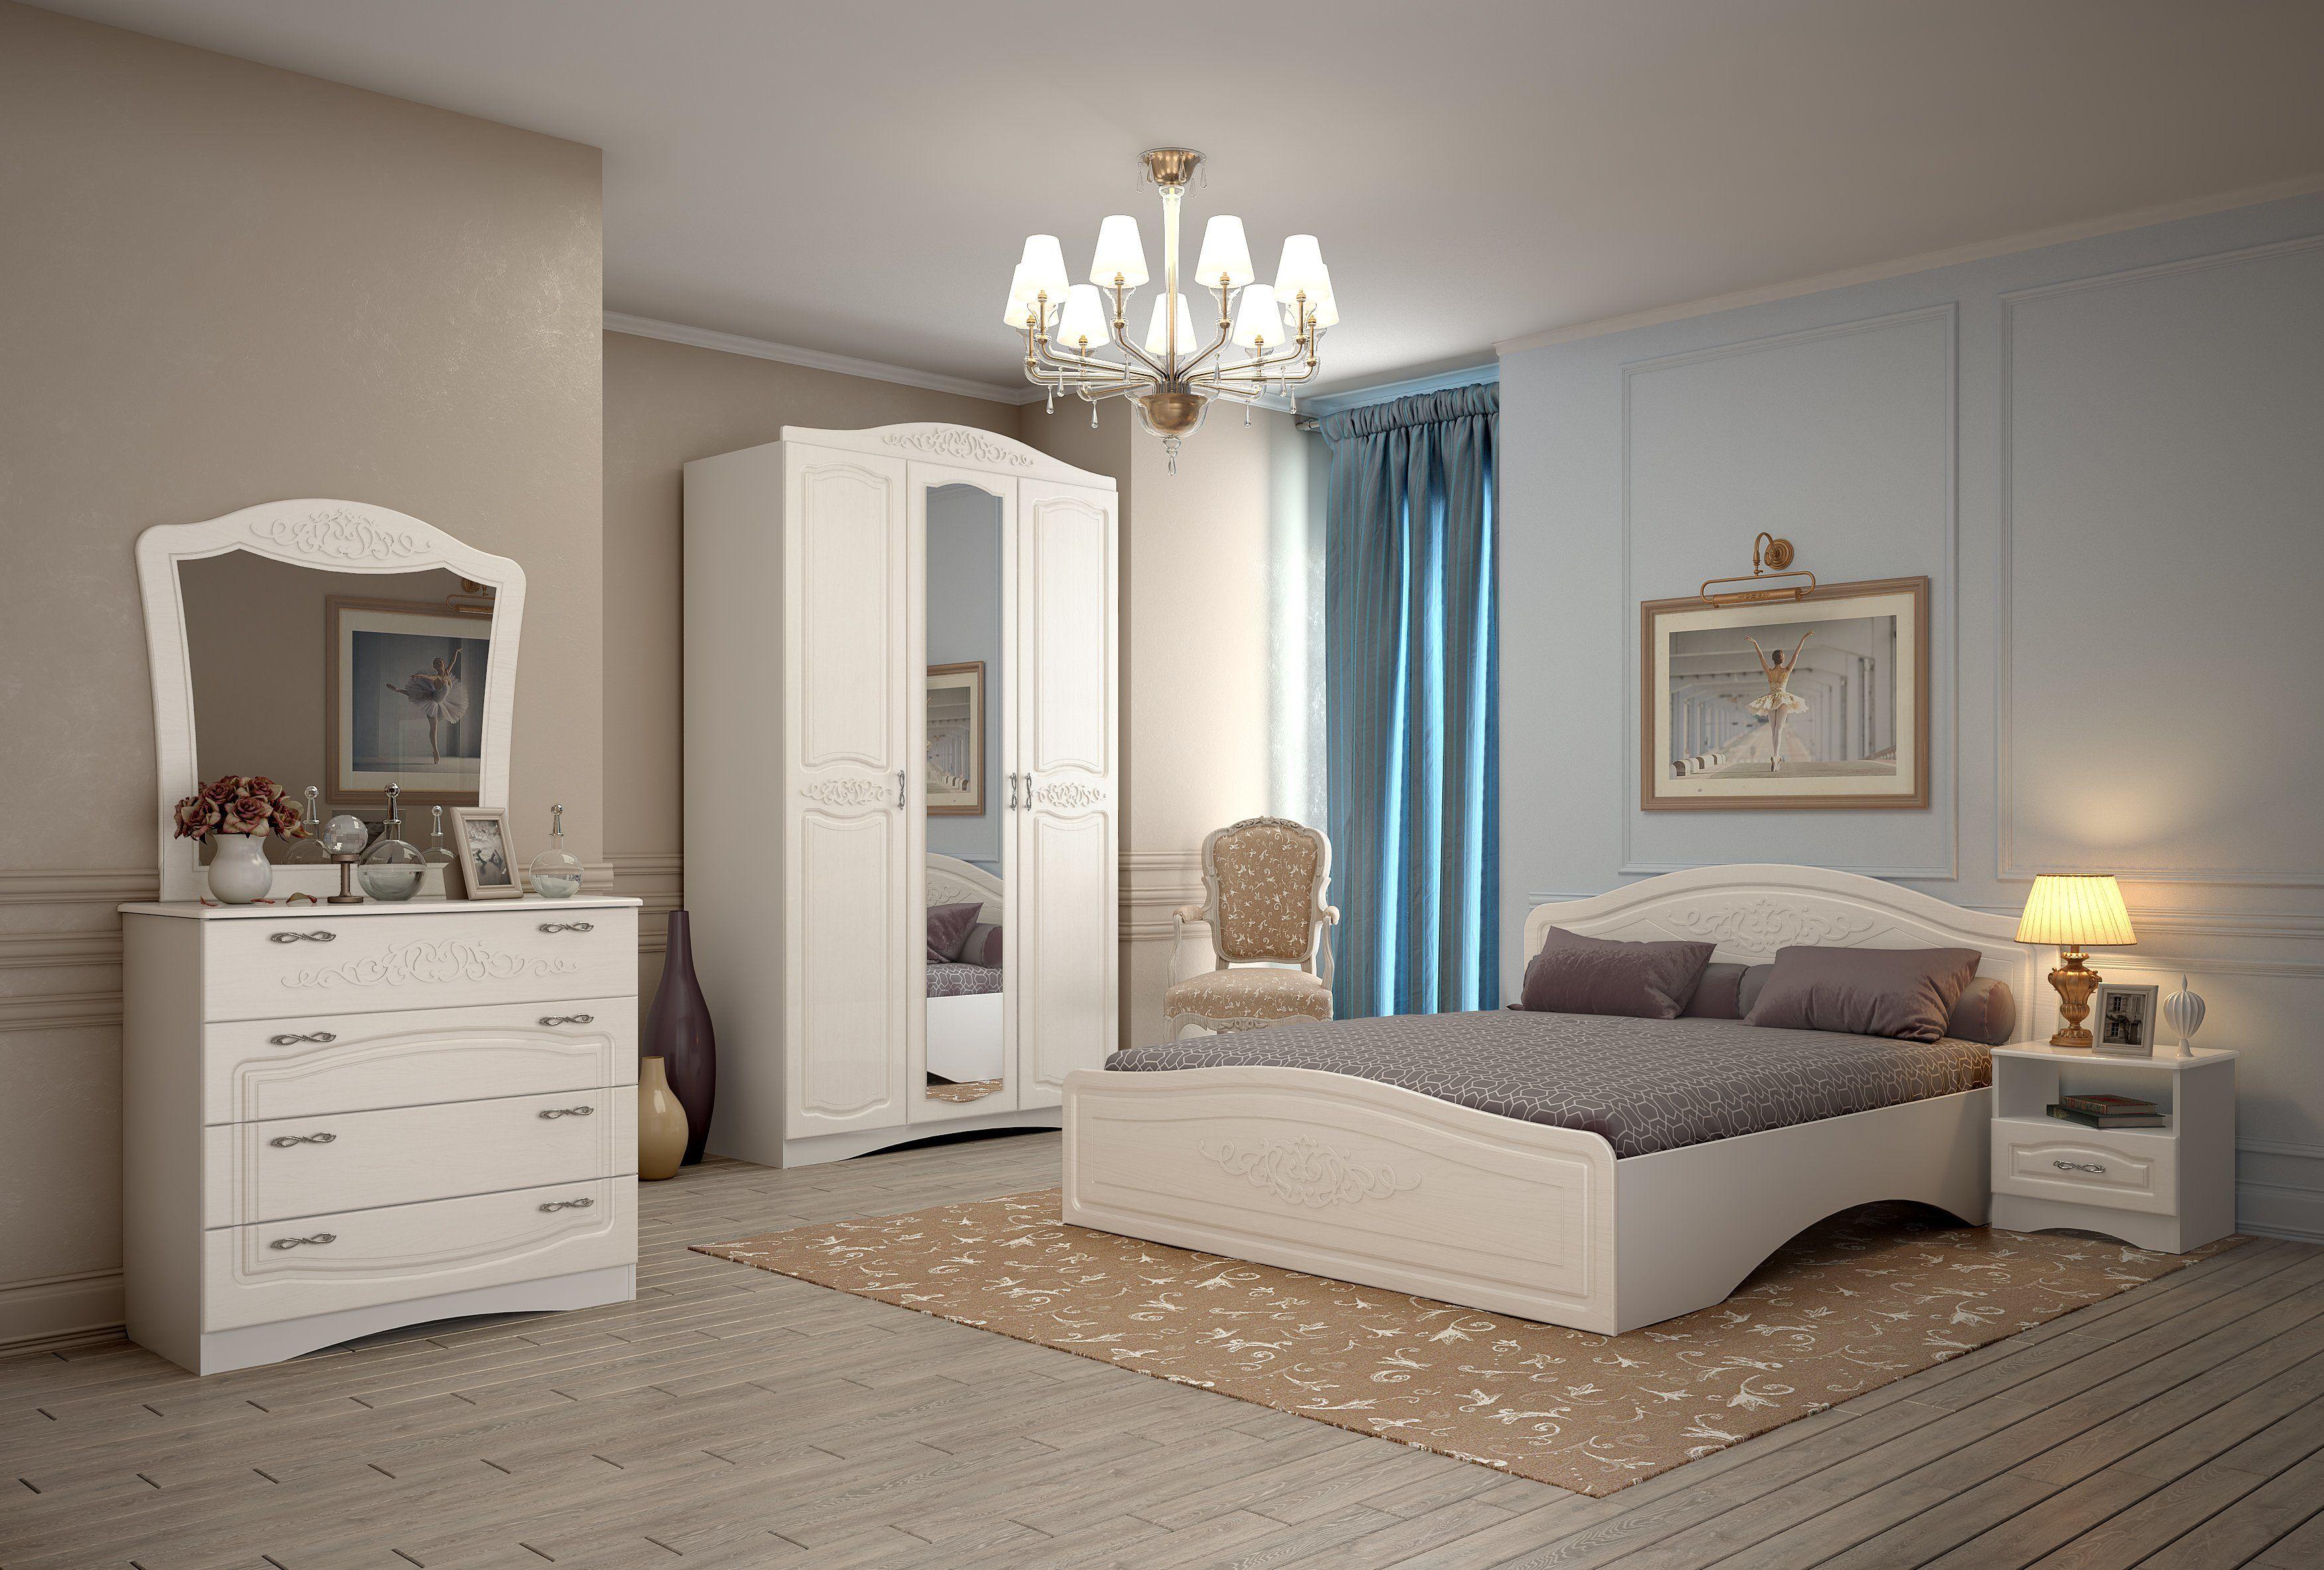 белый спальный гарнитур картинки обивка